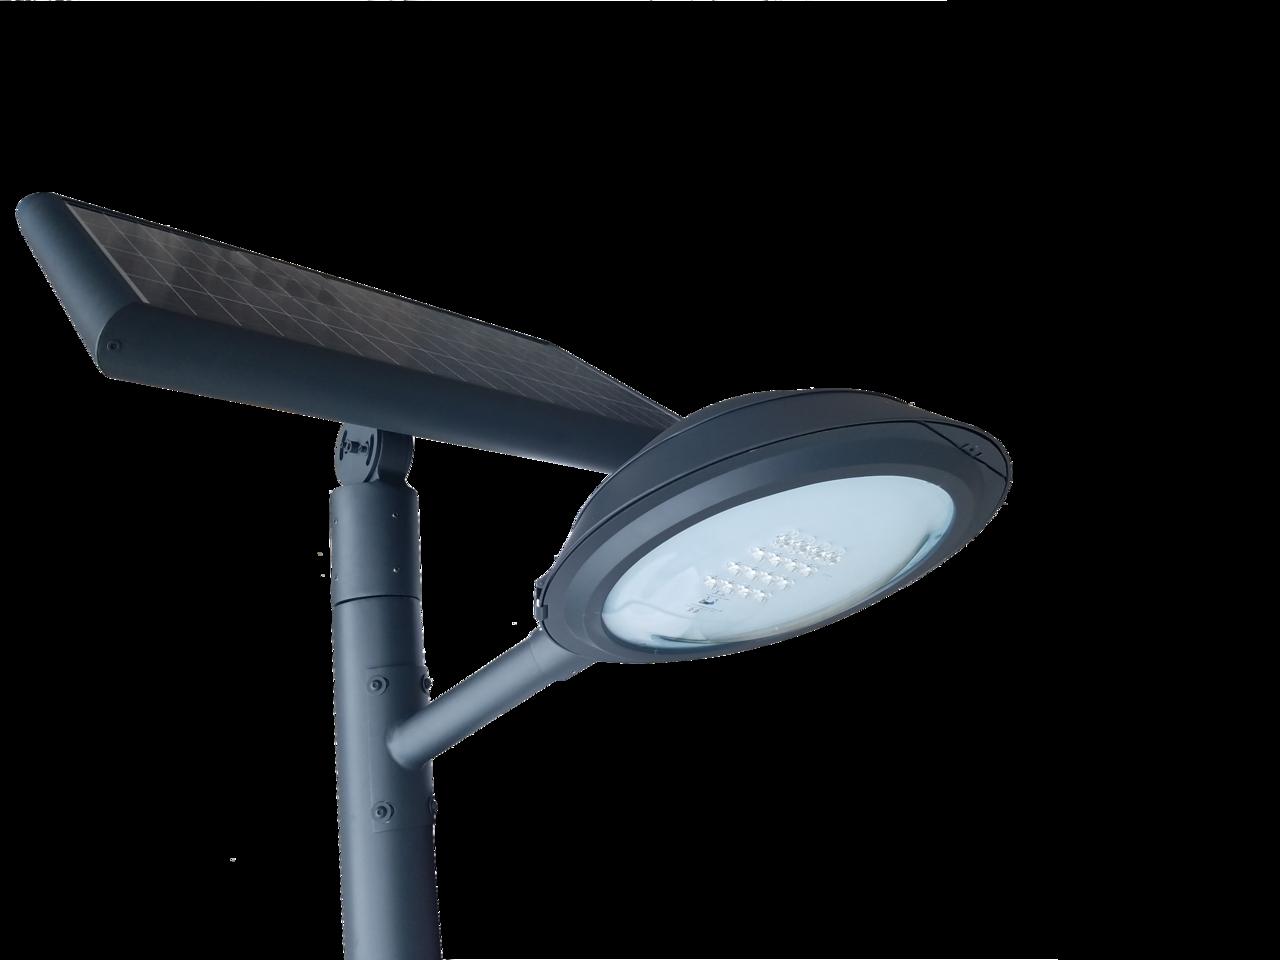 Farola solar programable de 16w led con poste tfv solar - Farolas led solares ...